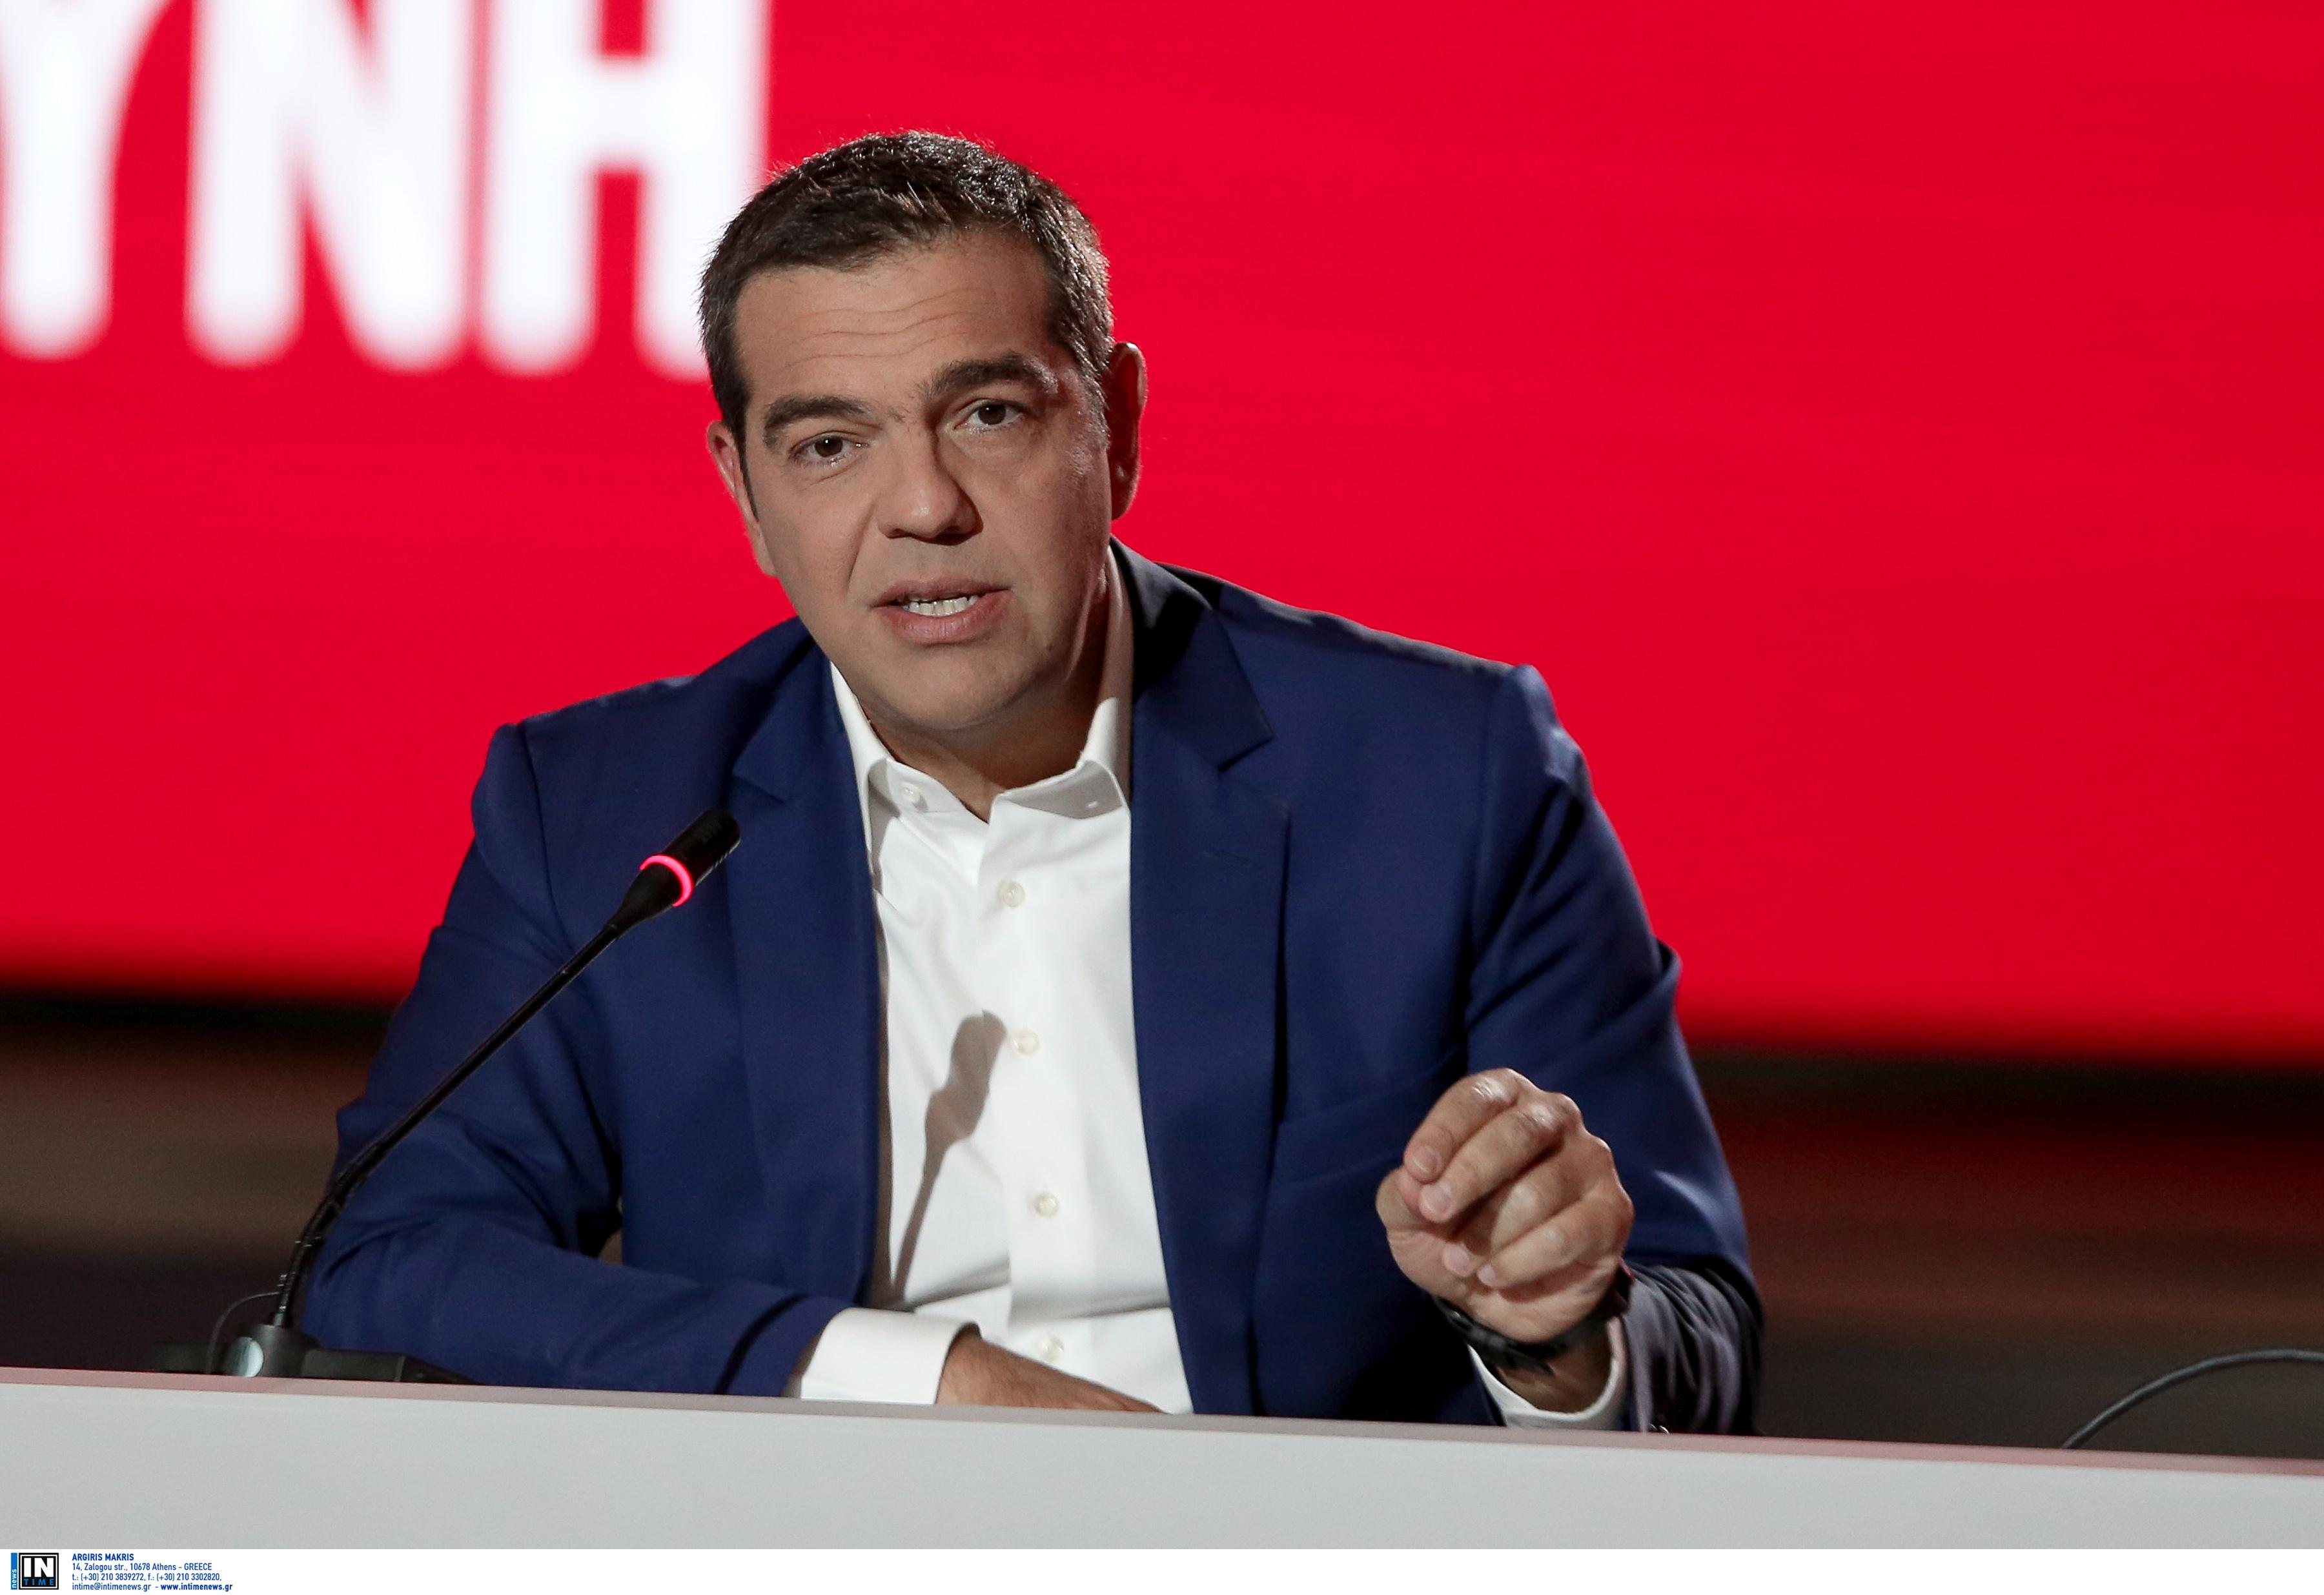 al-tsipras-sti-deth-tha-askisoyme-machitiki-kai-epoikodomitiki-antipoliteysi5